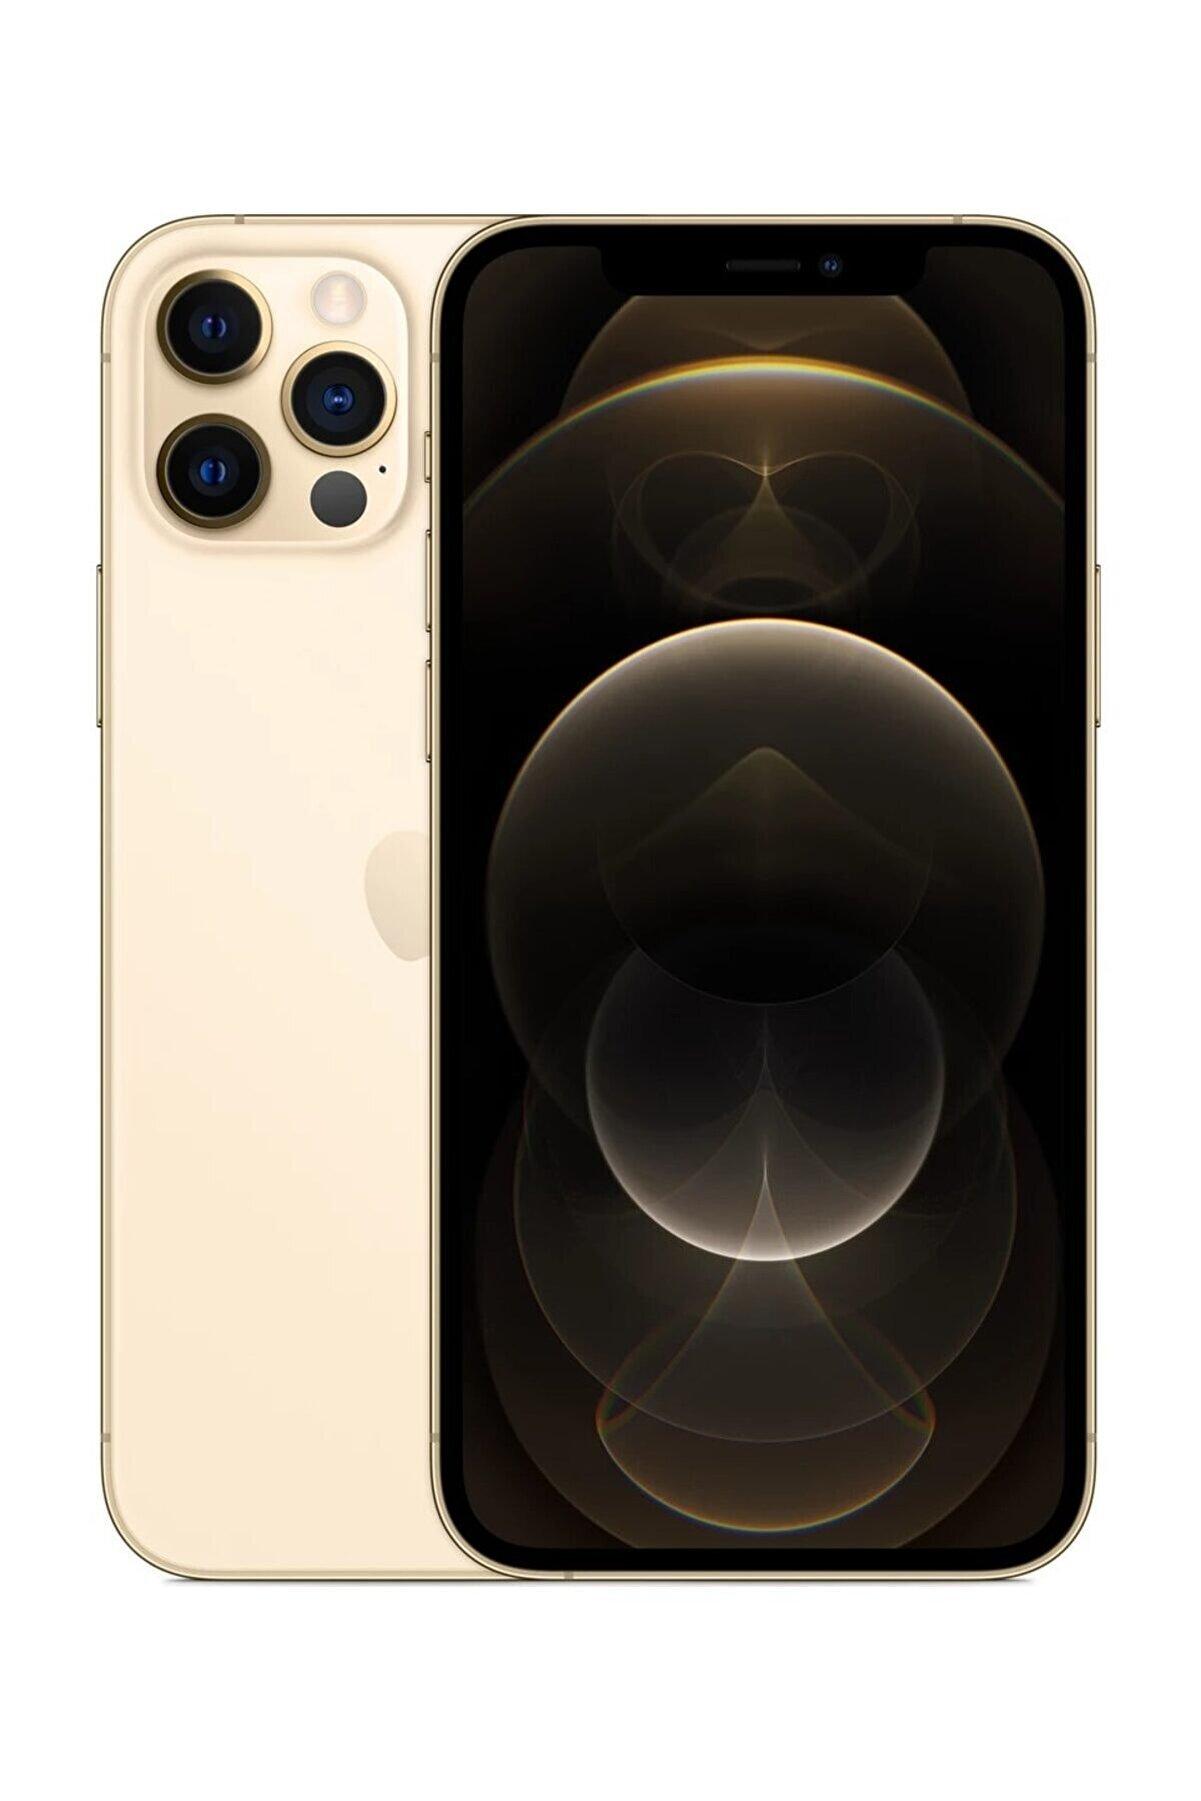 Apple iPhone 12 Pro Max 128GB Altın Cep Telefonu (Apple Türkiye Garantili)